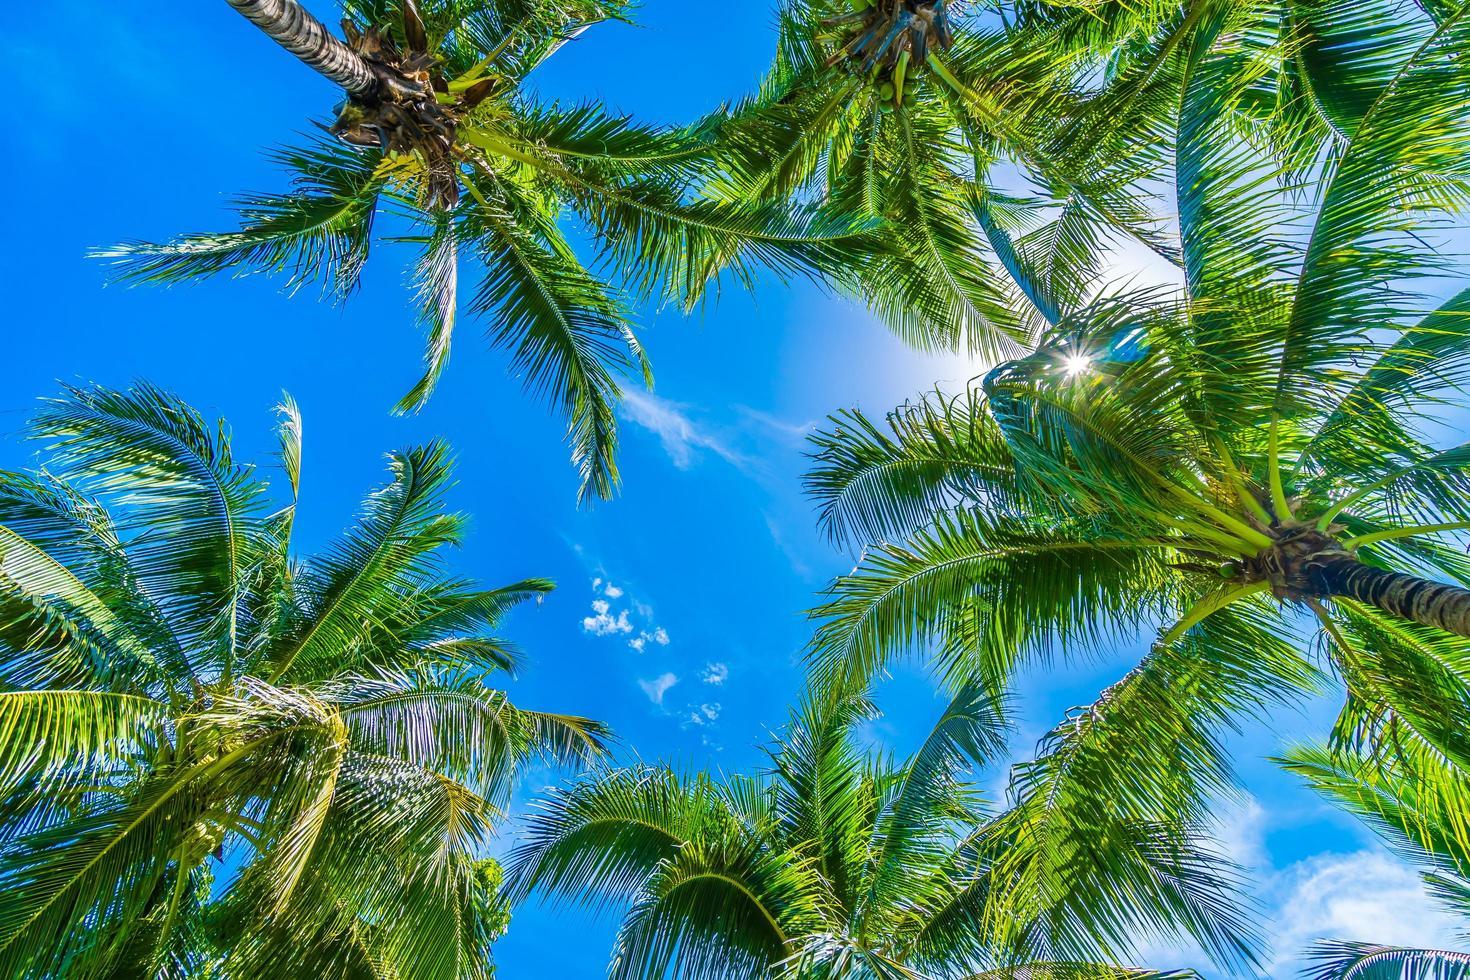 kokospalmer på blå himmel foto